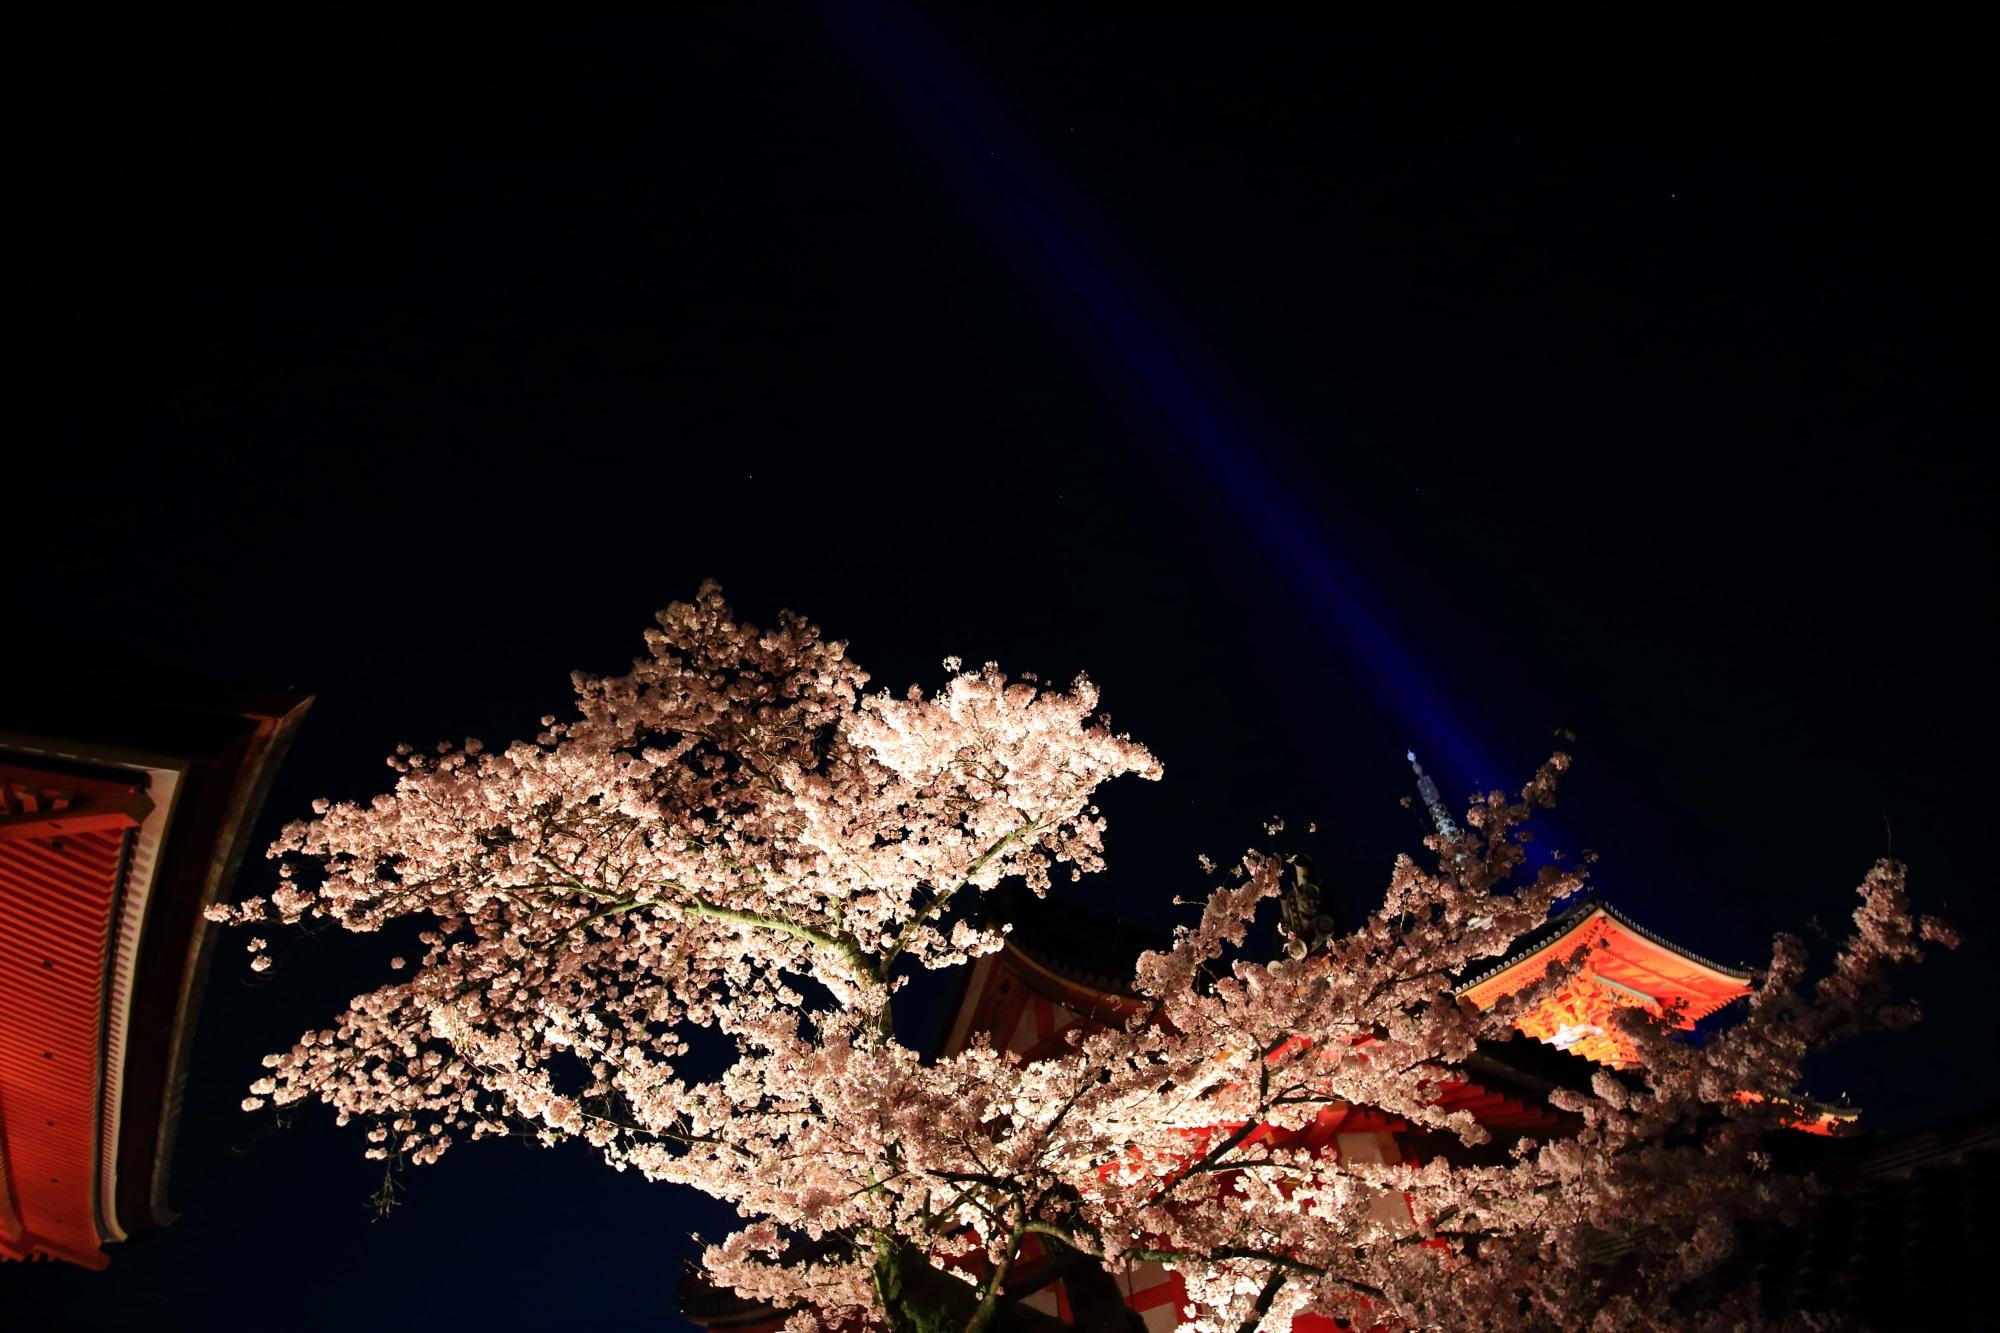 鮮やかな三重塔と夜空を彩る満開の夜桜